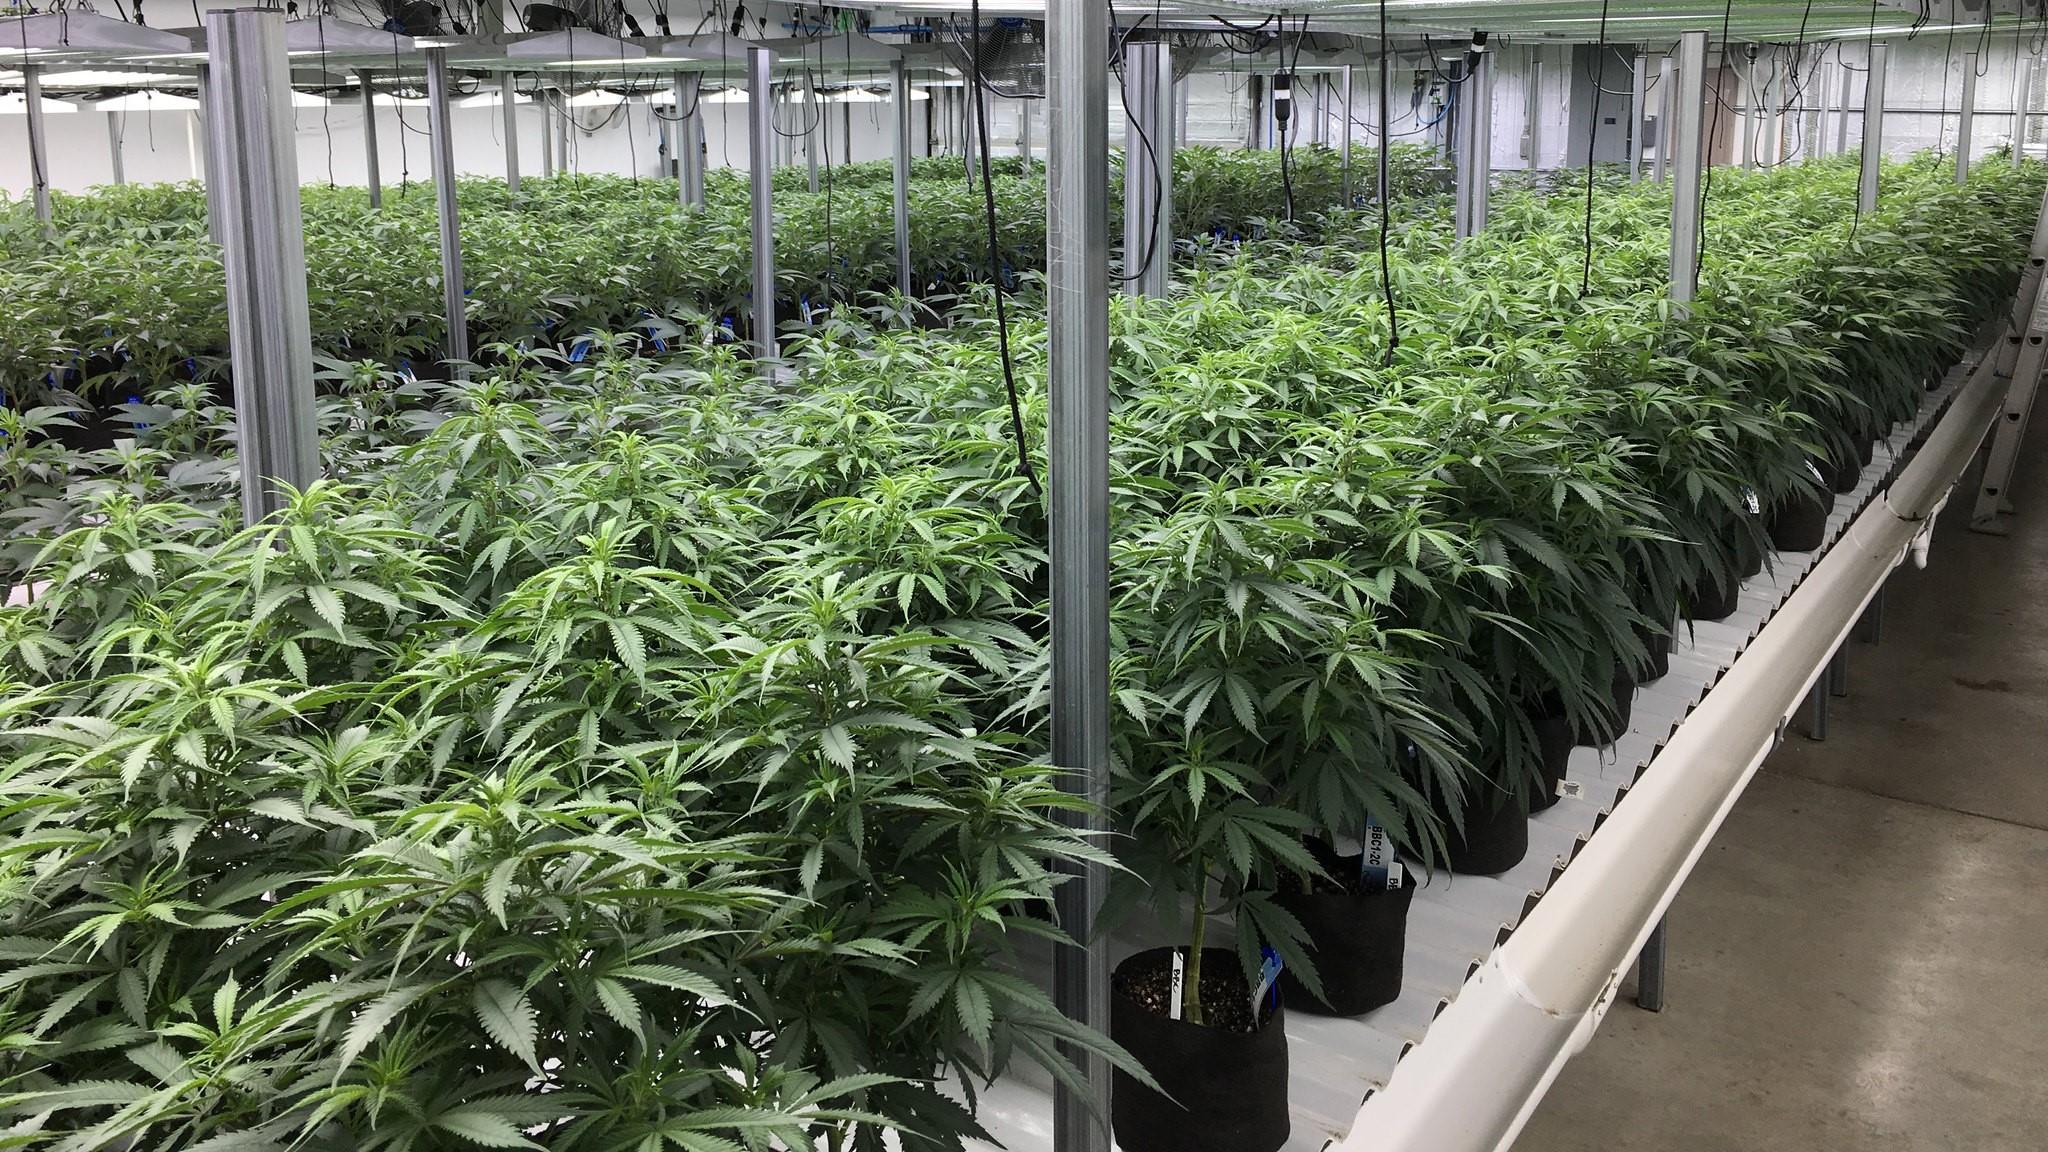 Jetzt wird auch in Deutschland Cannabis zu medizinischen Zwecken angebaut